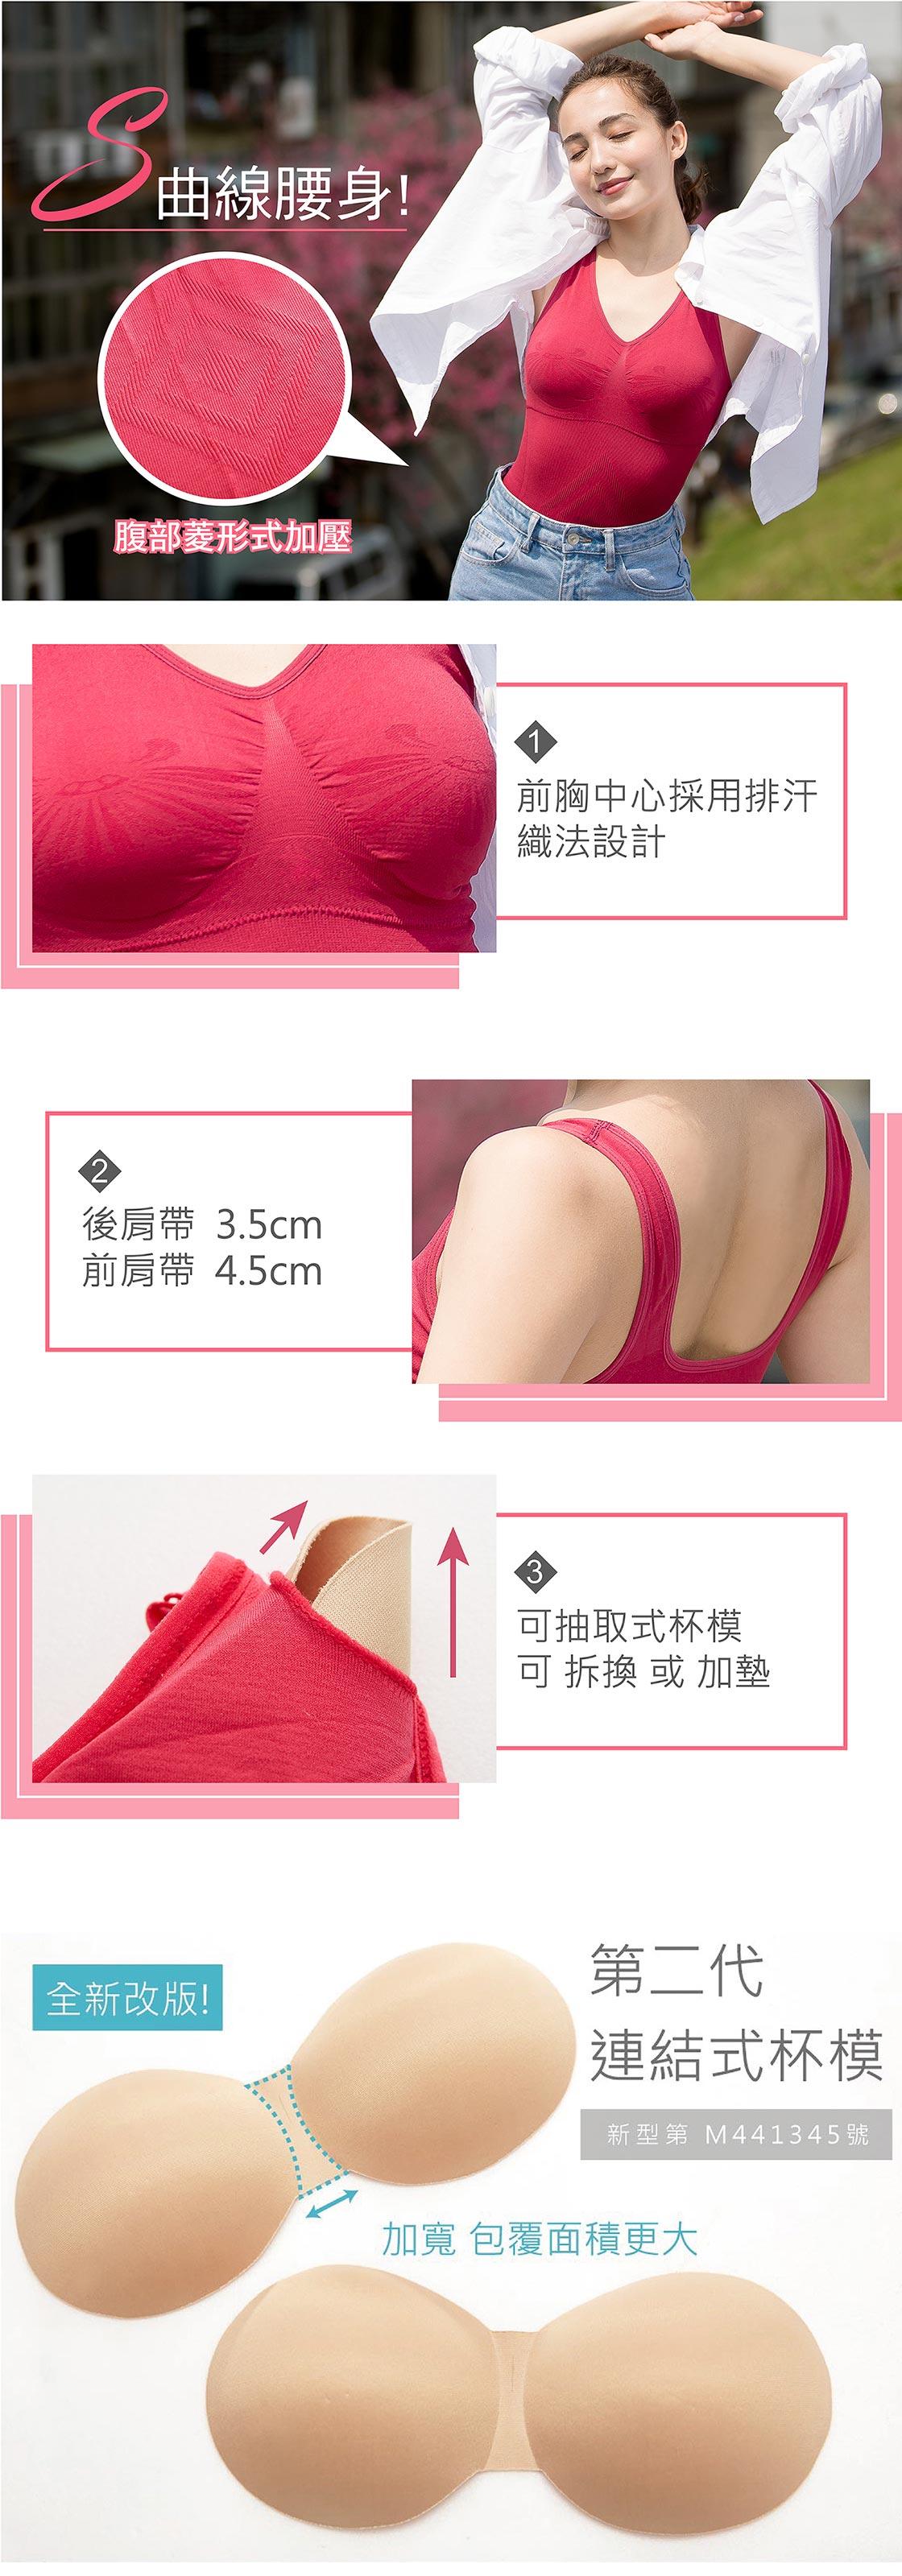 特賣【Bellewear】時尚百搭 塑型內衣Bra-T 4件組(葡萄紫+魔力紅+橙橘色+百搭黑) L碼